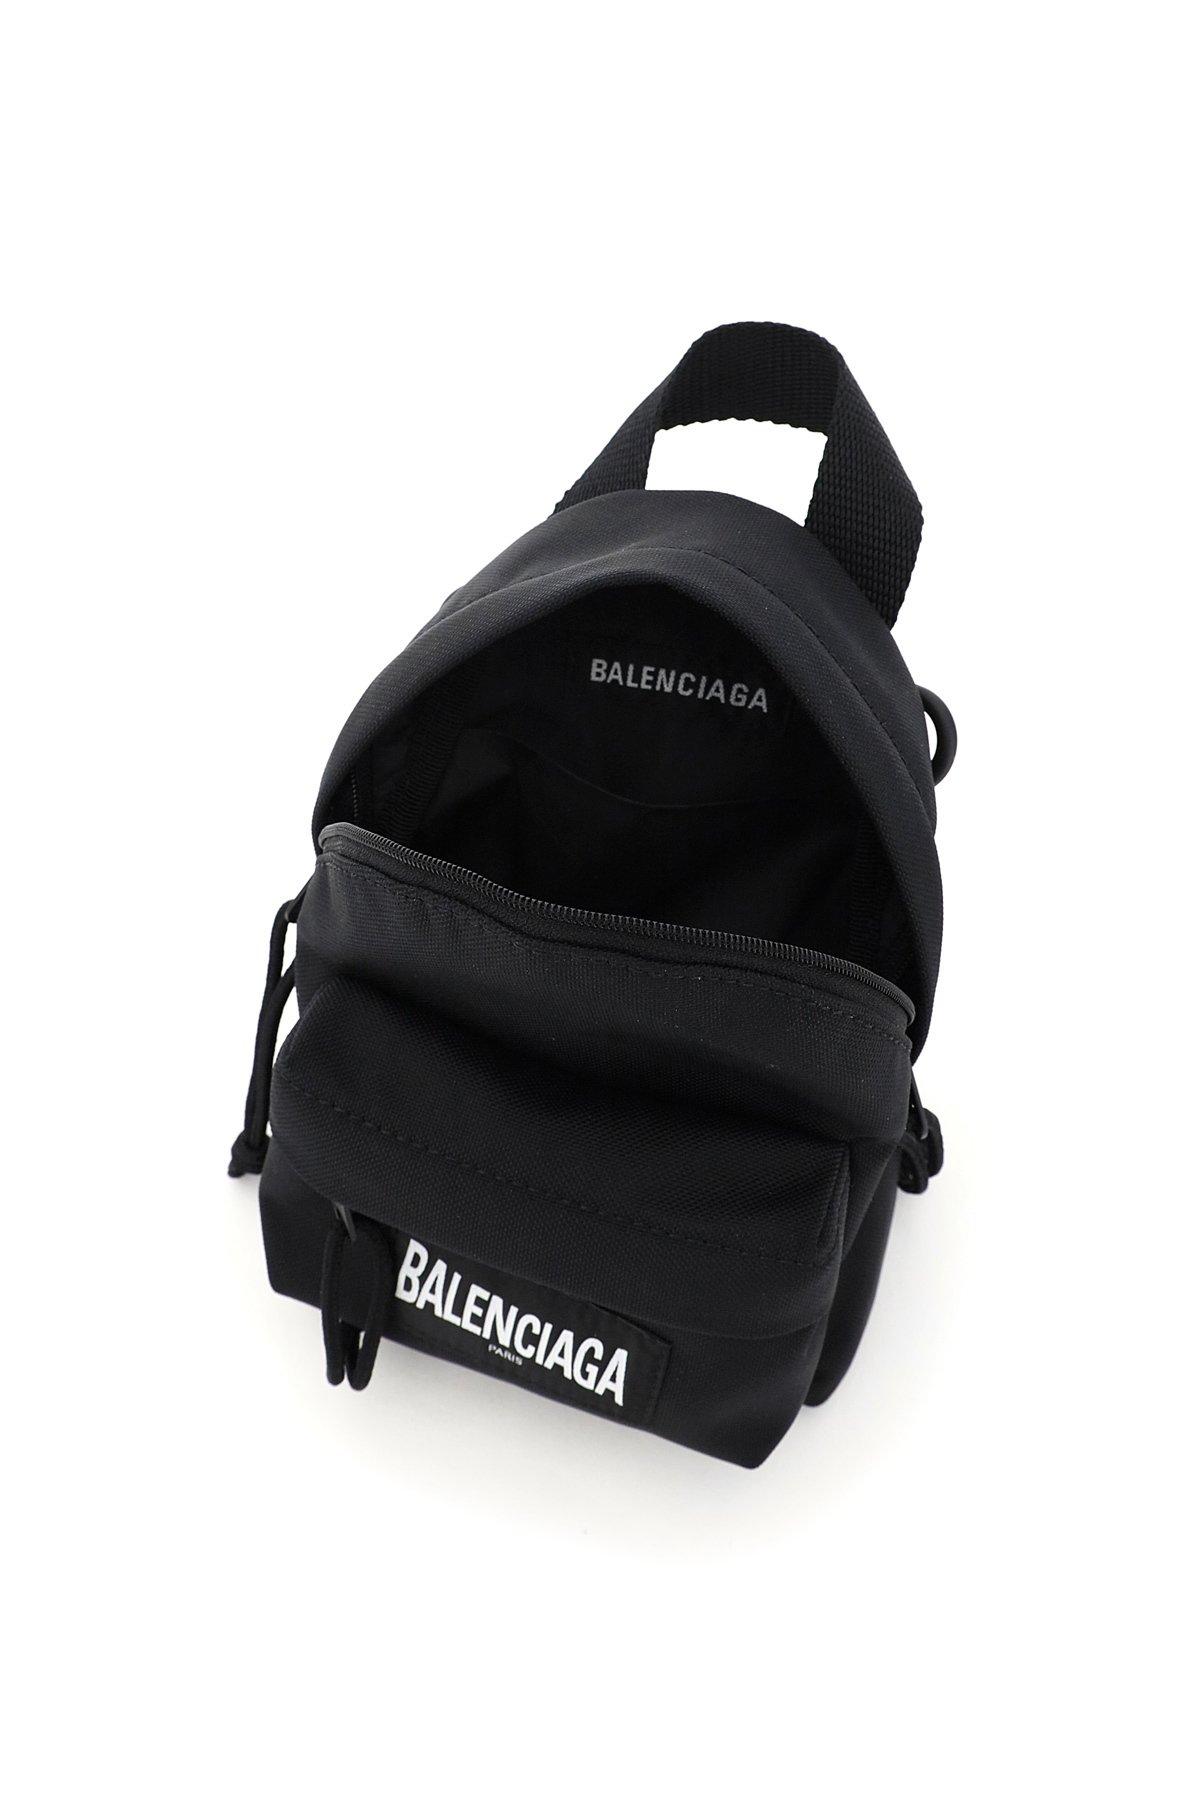 Balenciaga borsa zaino mini recycled casual nylon